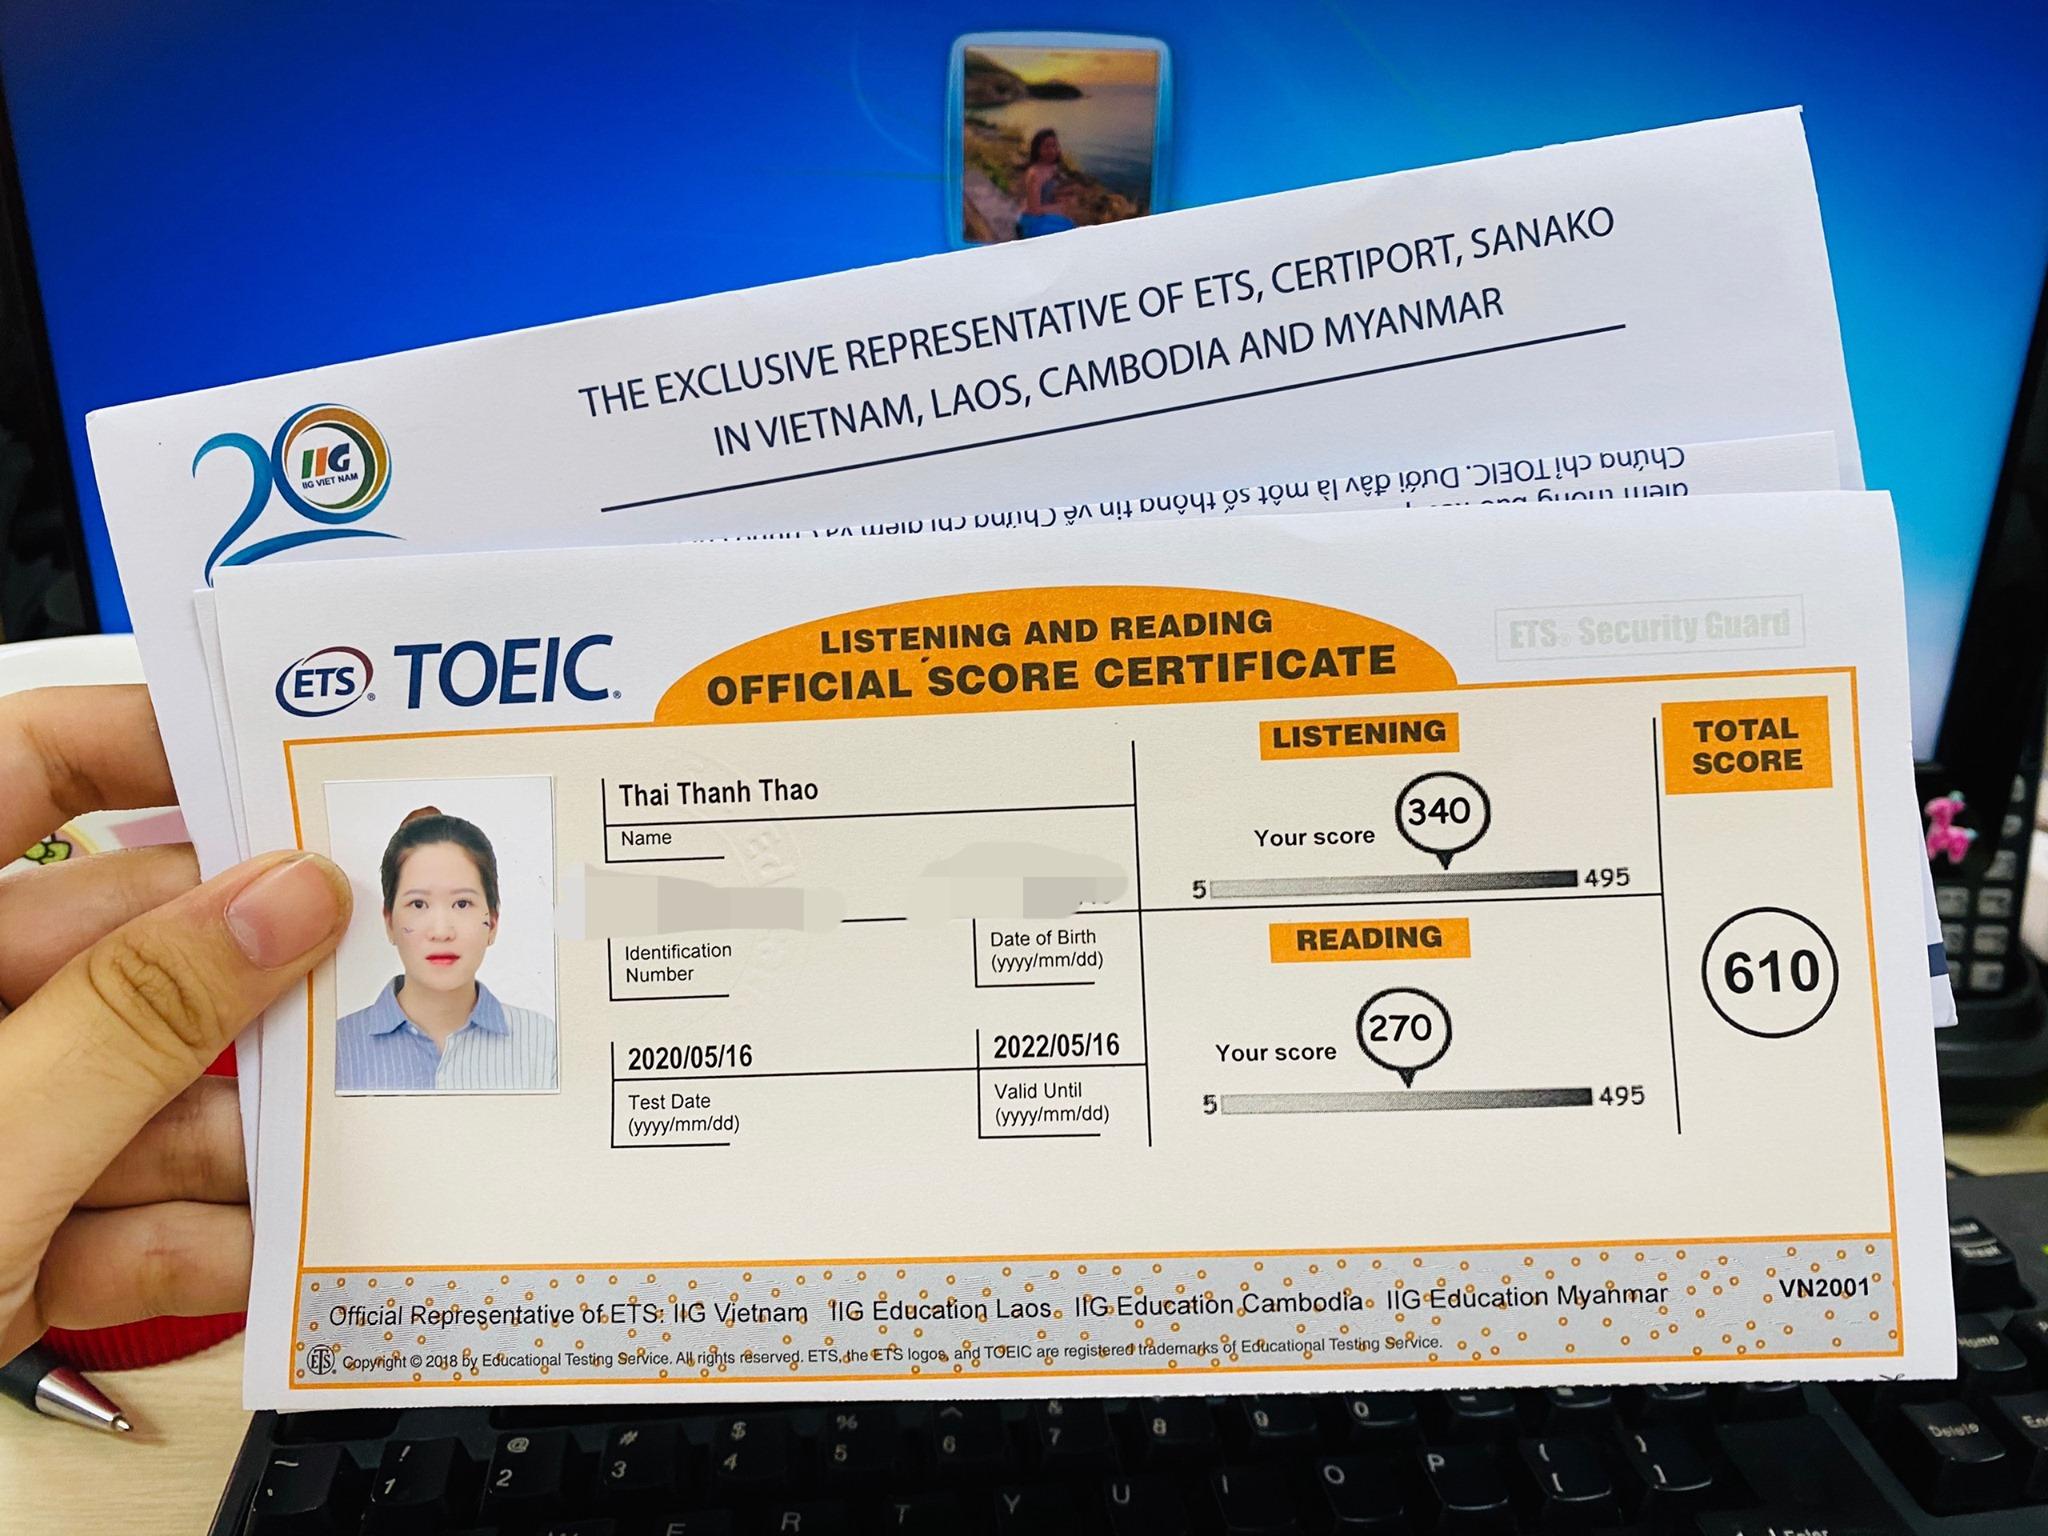 Kinh nghiệm luyện thi TOEIC 600+ tự học trong 1 tháng của bạn Thanh Thảo